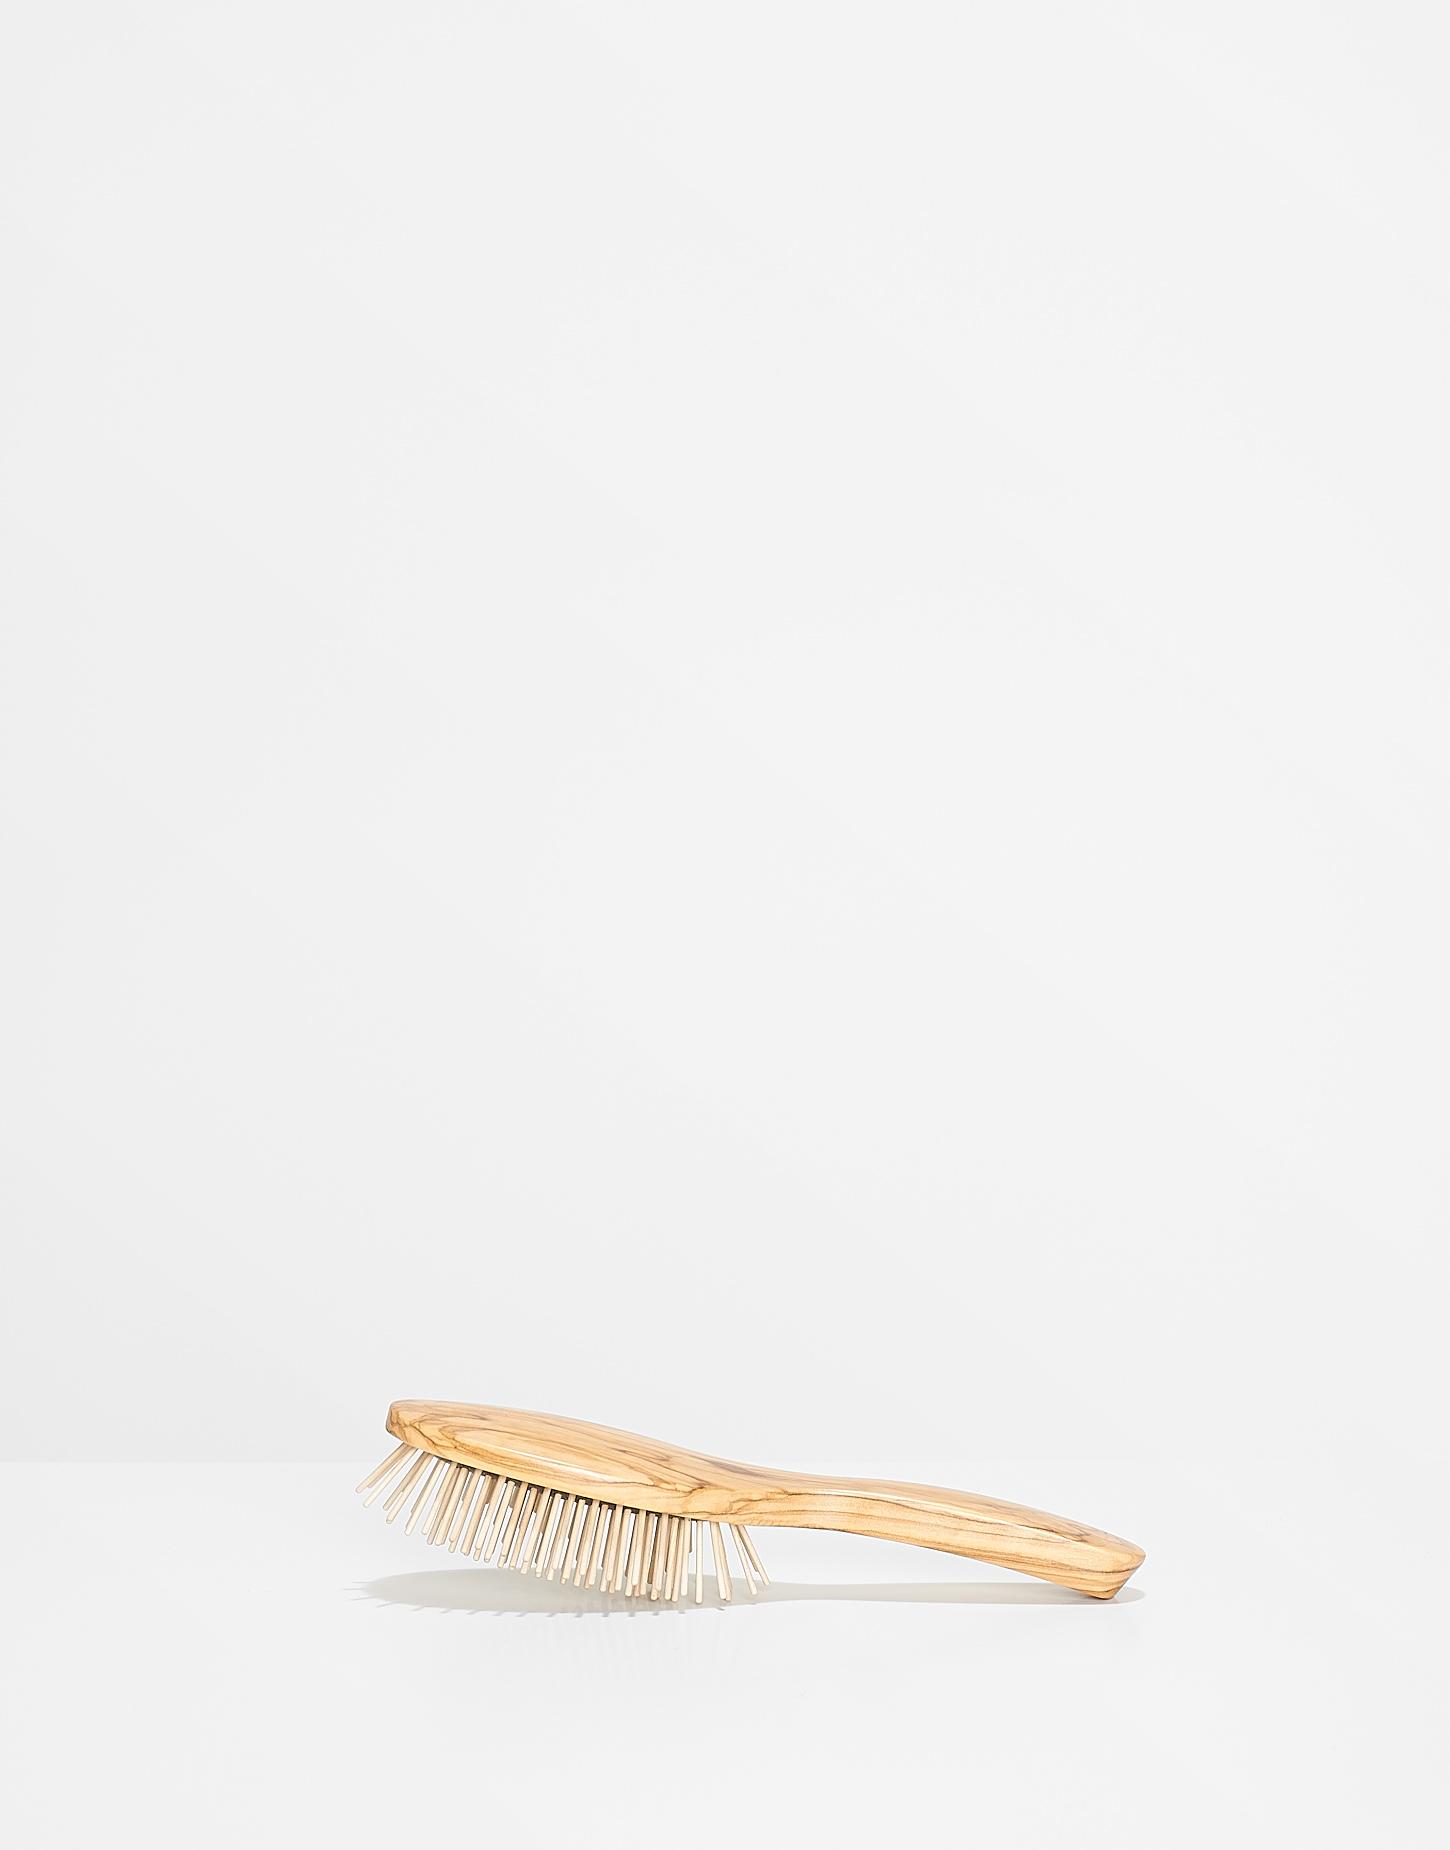 Deko luxus haarb rste holz beige online bestellen for Luxus deko